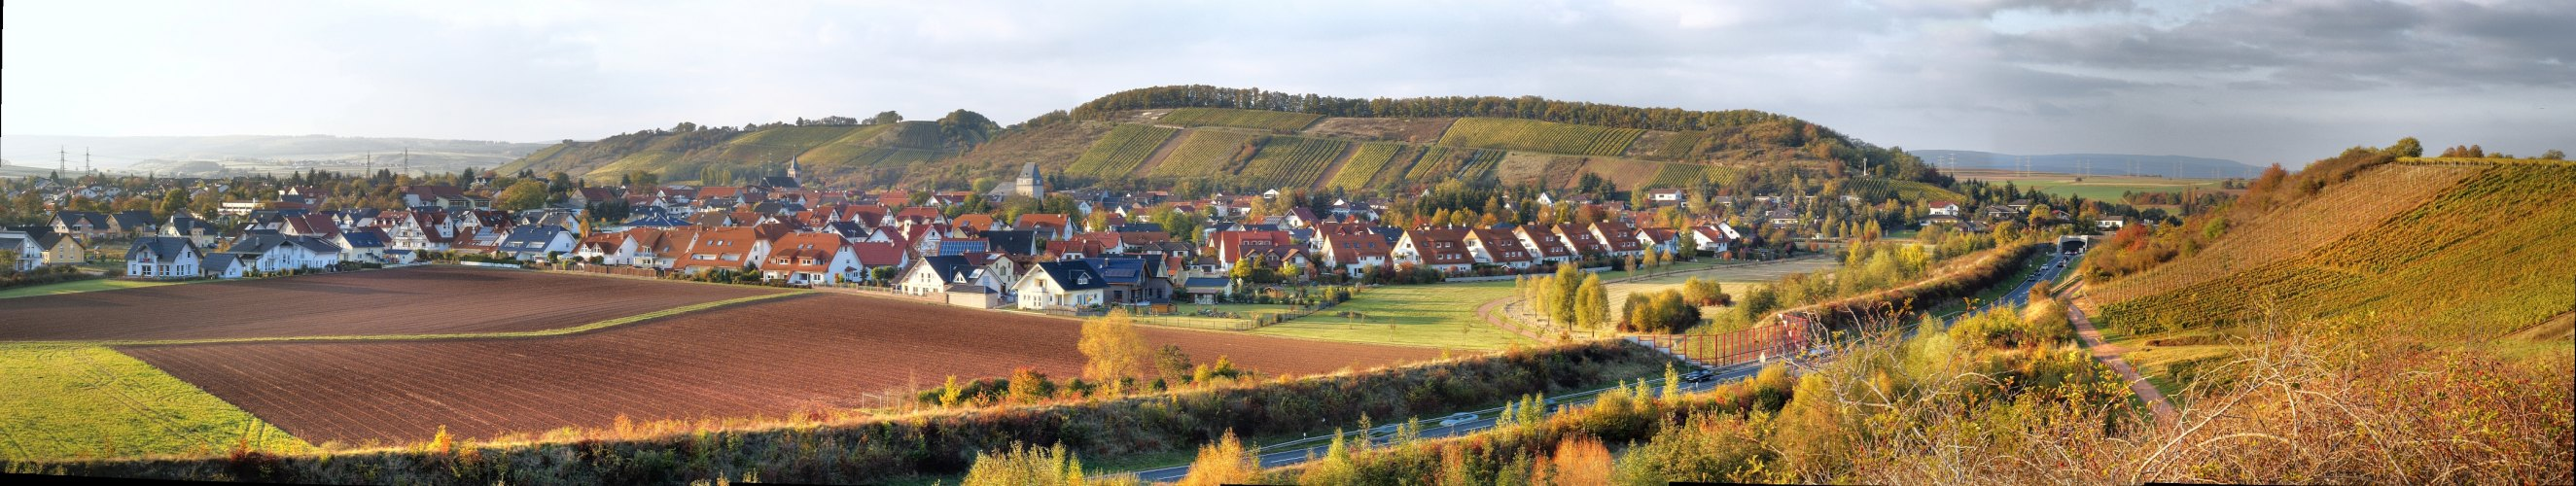 Roxheim bei Bad Kreuznach